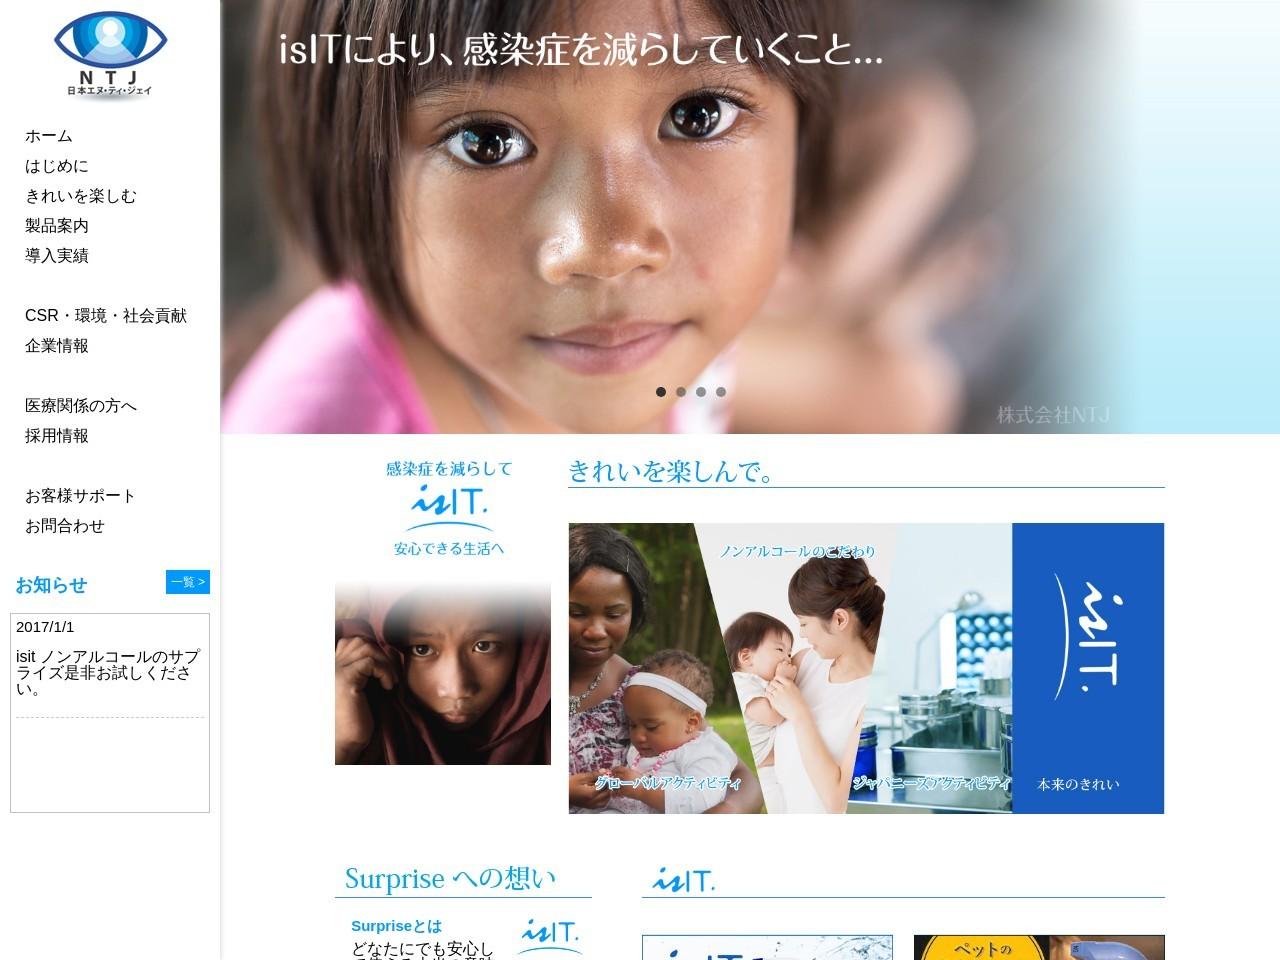 株式会社日本エヌ・ティ・ジェイ